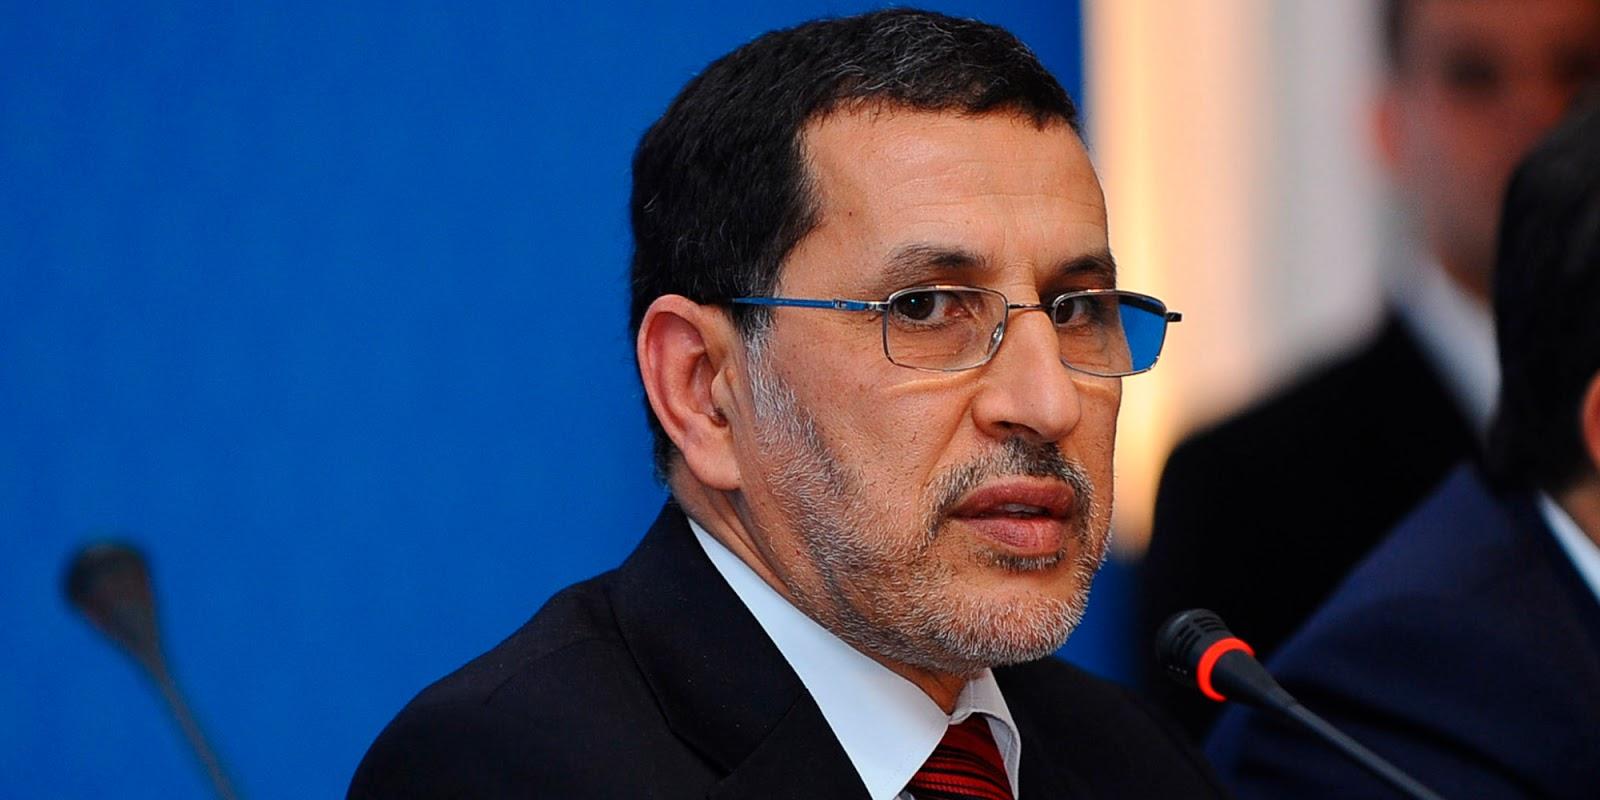 رصيف الصحافة: العثماني يتراجع عن عدم تمويل معاشات البرلمانيين